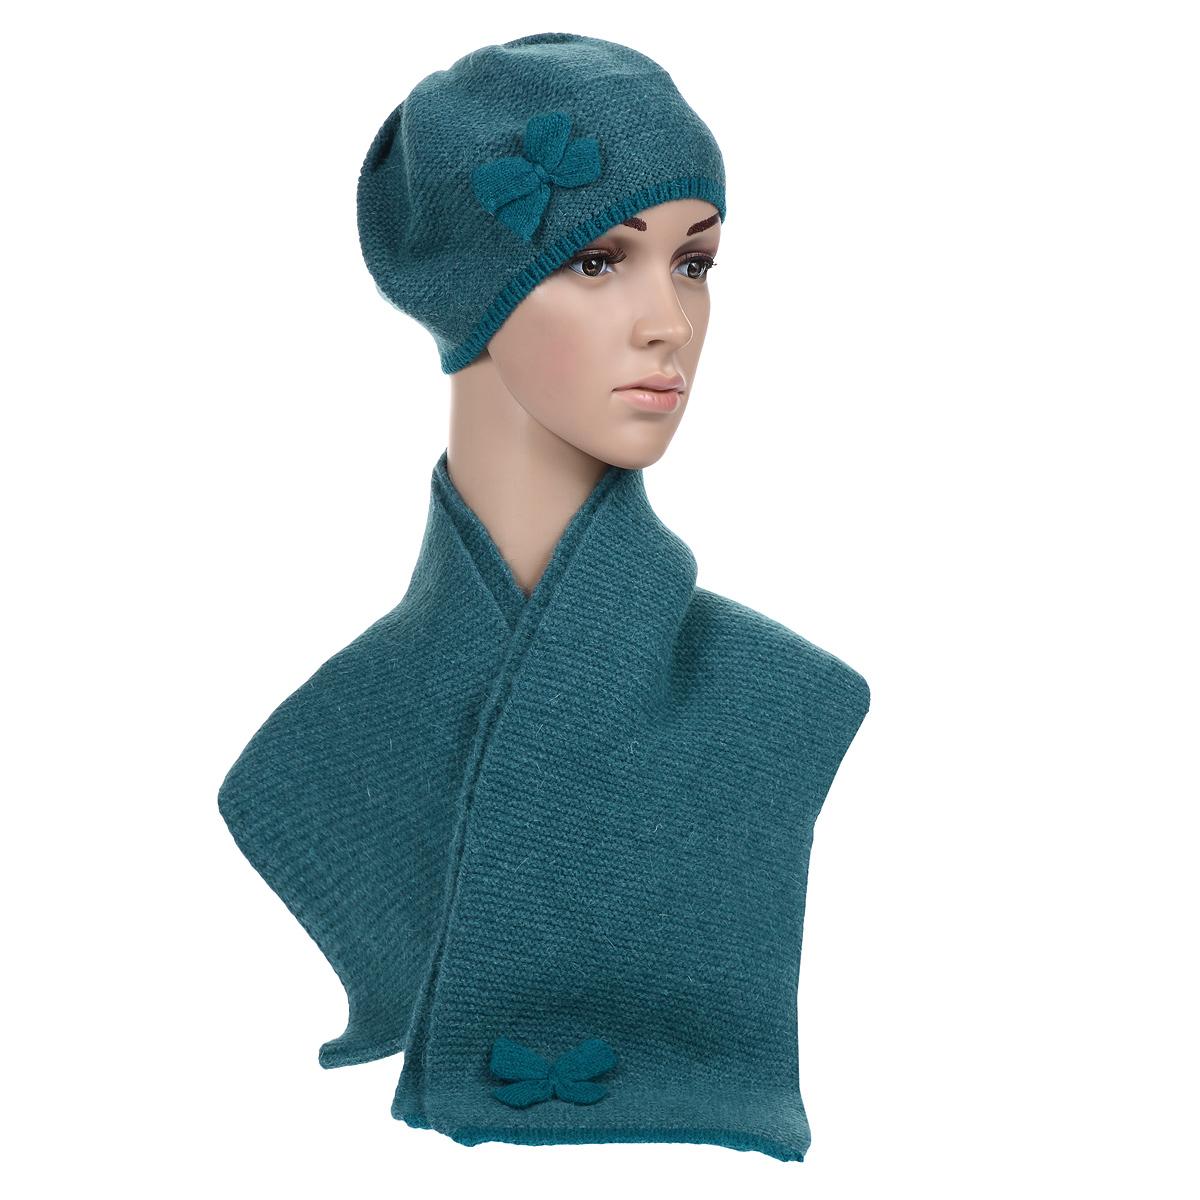 Комплект женский: берет, шарф. 99020179902017-05Каждой женщине хочется иметь теплый красивый комплект, который отлично подойдет к верхней одежде и подчеркнет индивидуальность. Отличное решение - комплект из берета и шарфа, выполненных из шерсти. Стильный дизайн и приятный на ощупь материал подарят вам истинное наслаждение. Комплект Venera добавит вашему образу женственности и подарят чувство комфорта в холодную погоду.